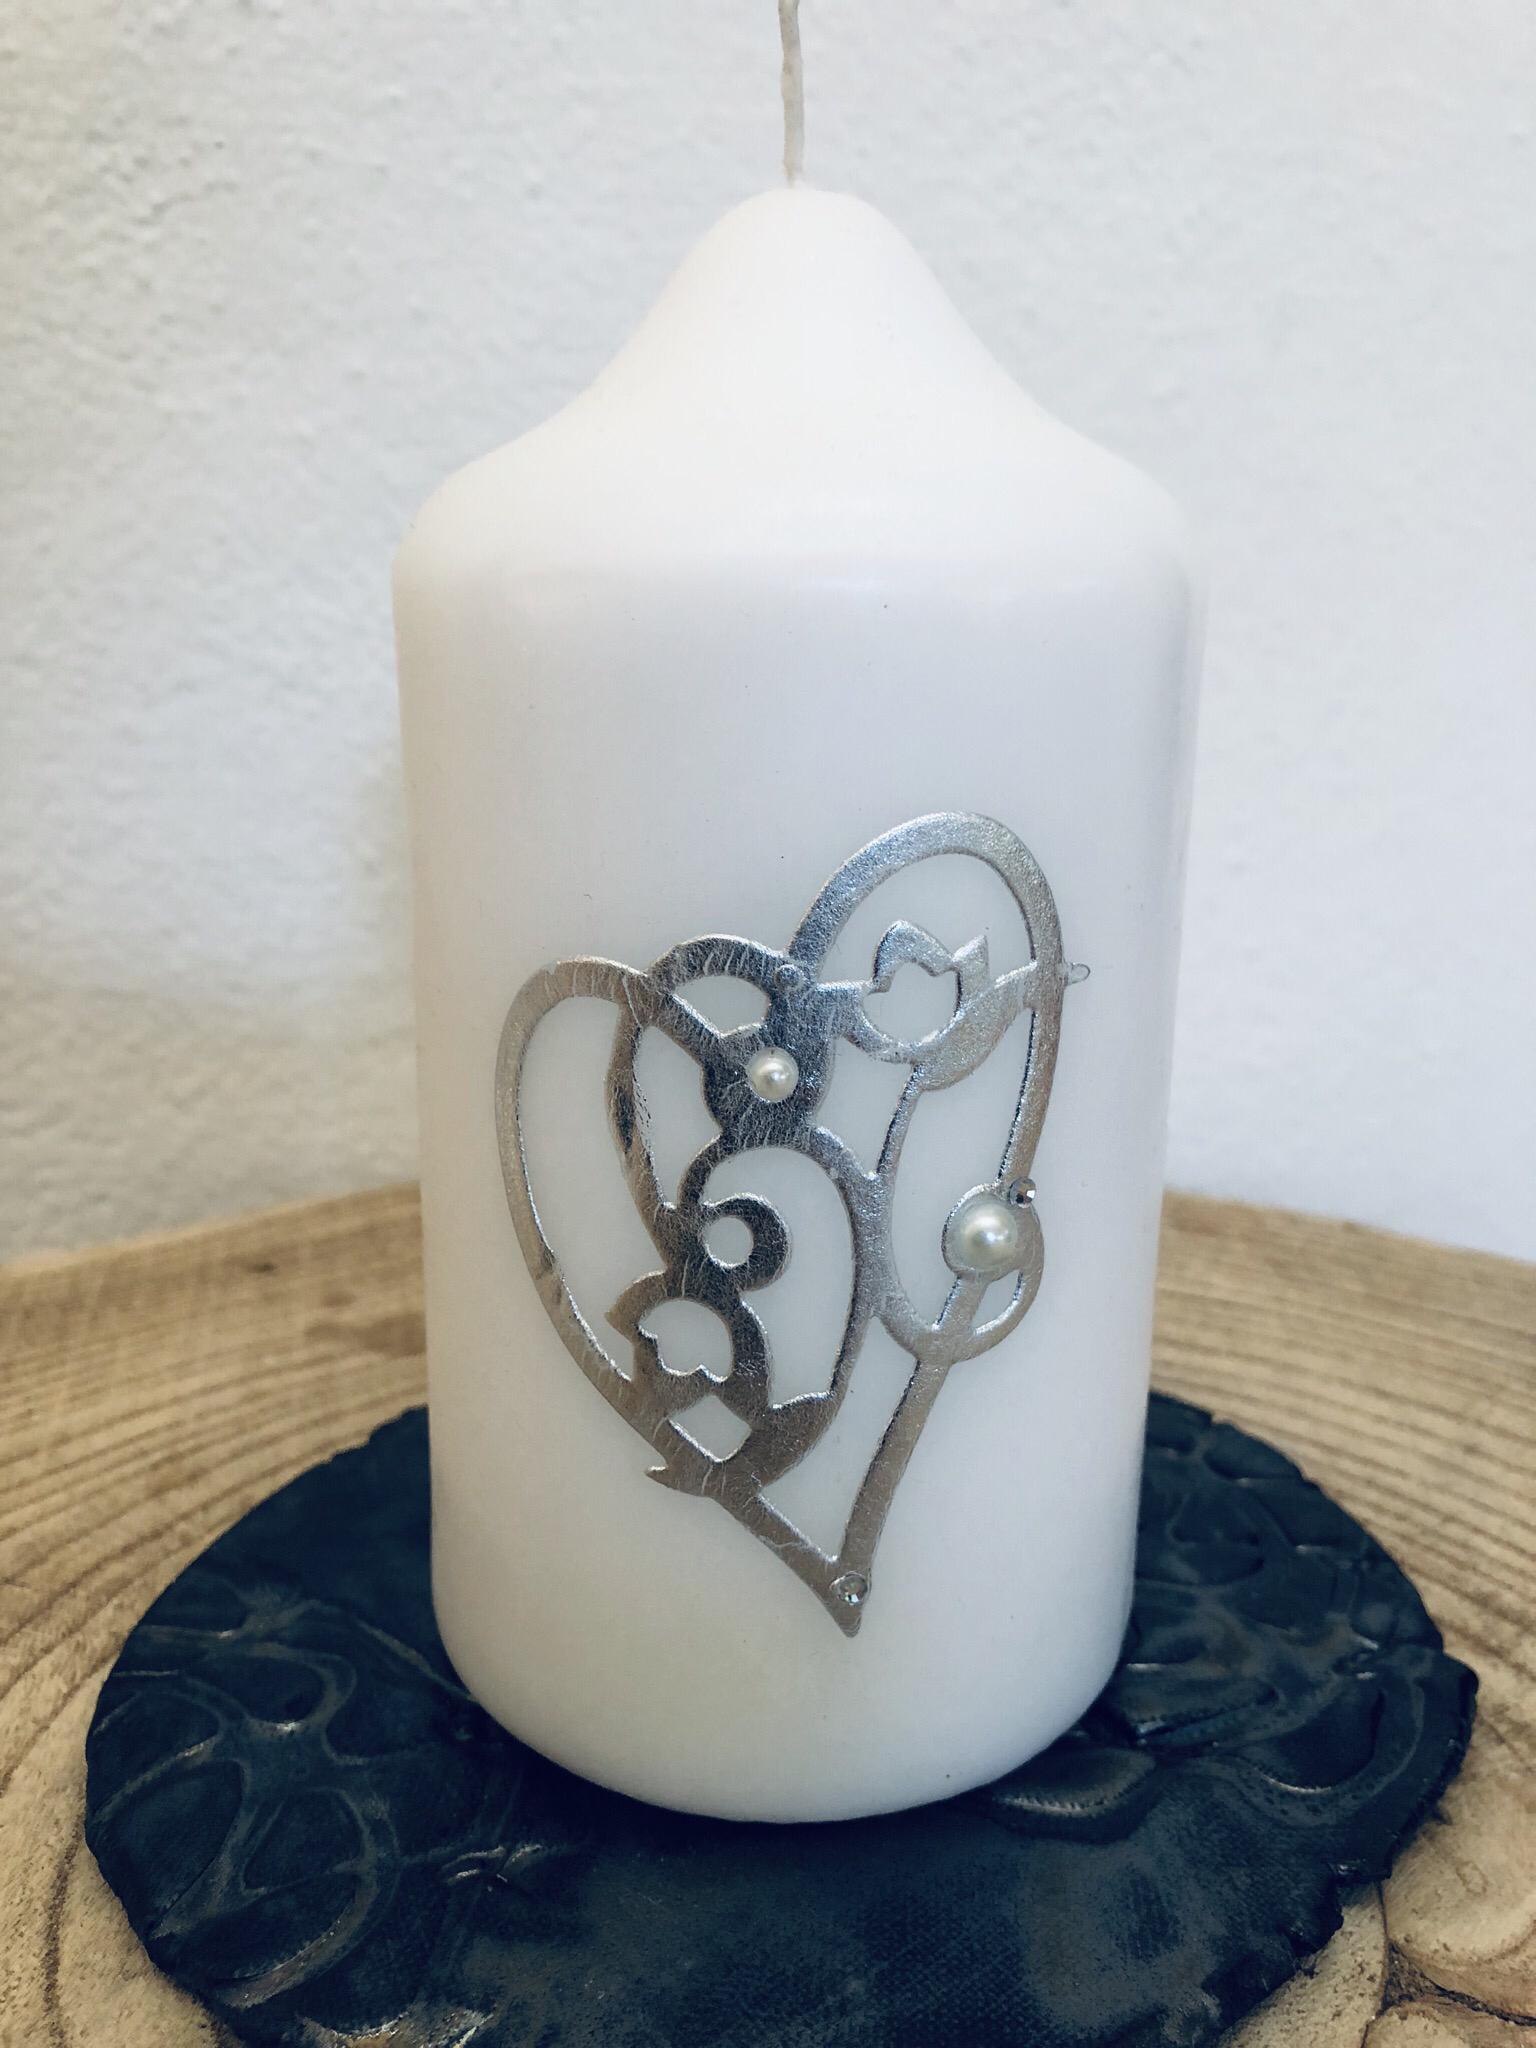 Kerze Hochzeit - klein - rund - weiß getaucht, beidseitig verziert mit Silberornament und Herzen in pink - mit Perlen und Swarovskikristallen  25031